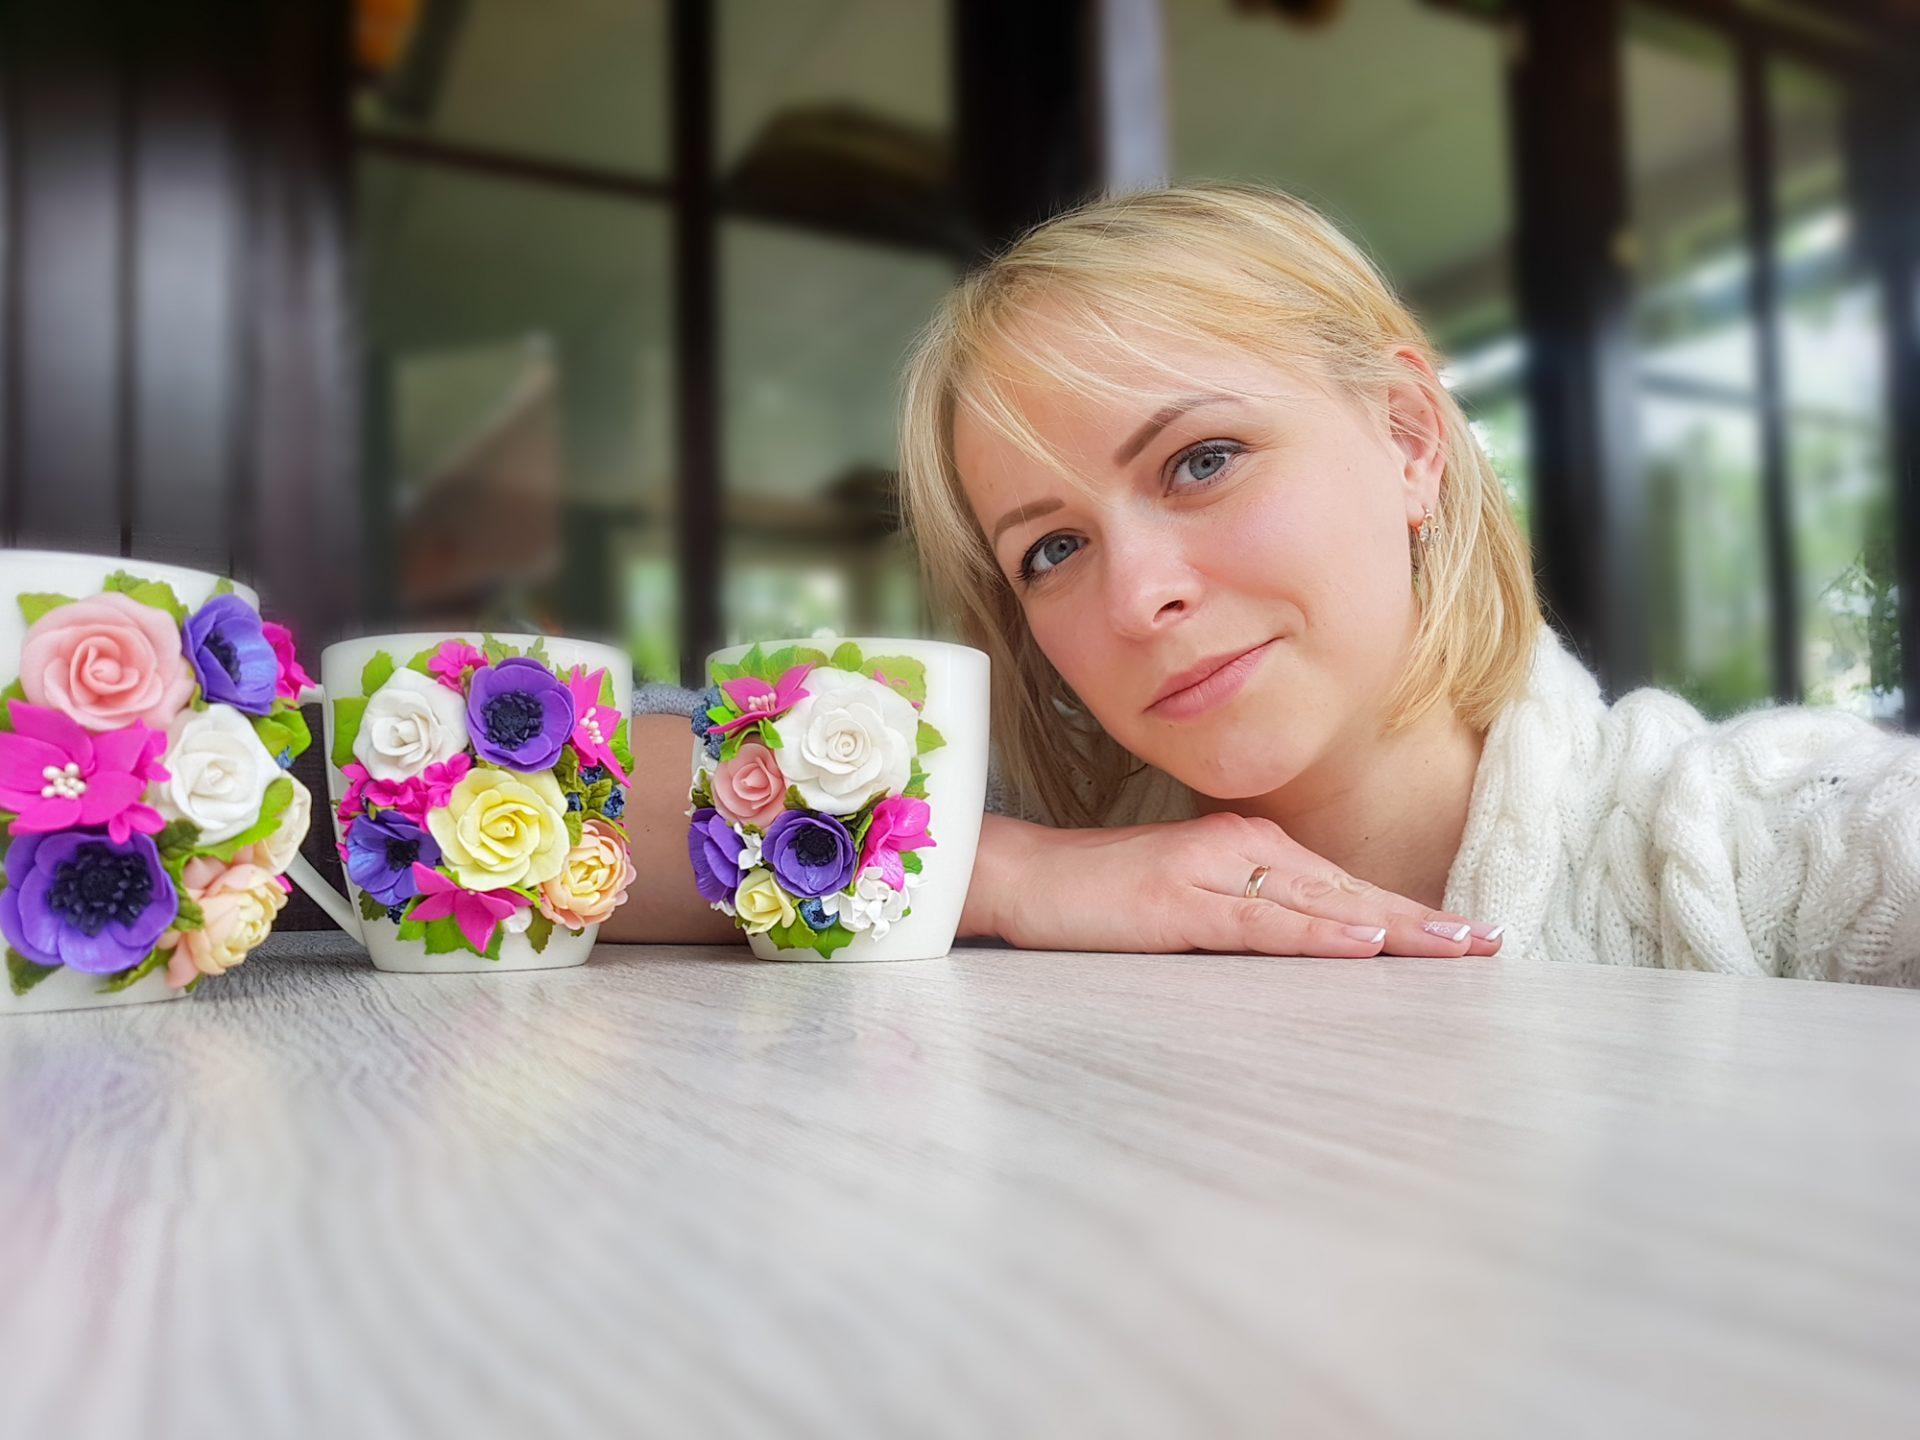 Илана Косенко, руководитель студии DekoPasaule 2